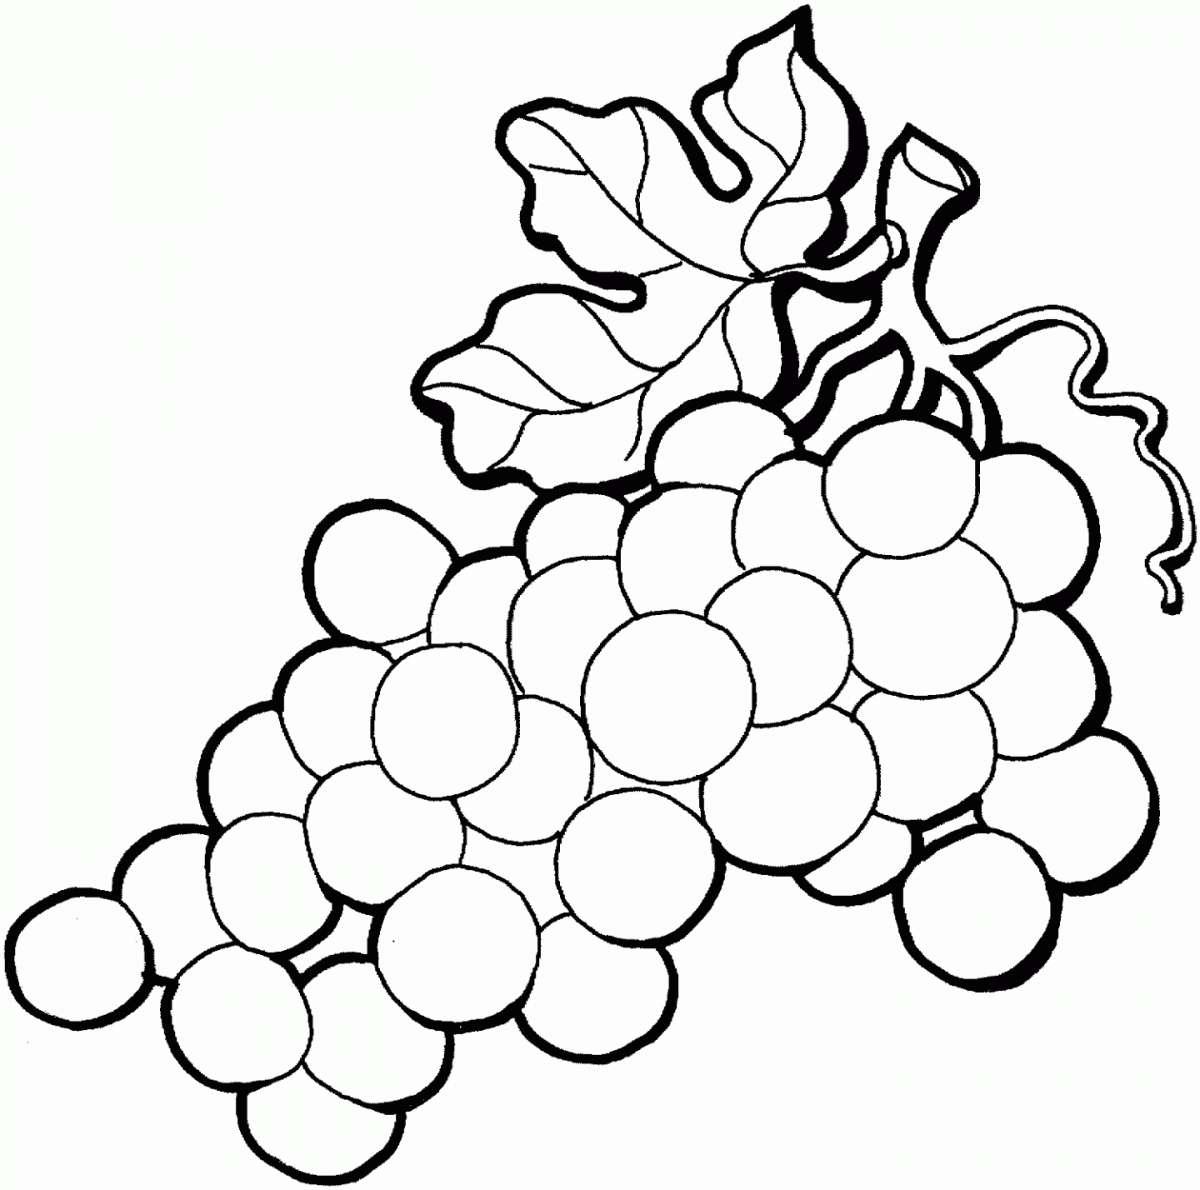 Disegno dell'uva